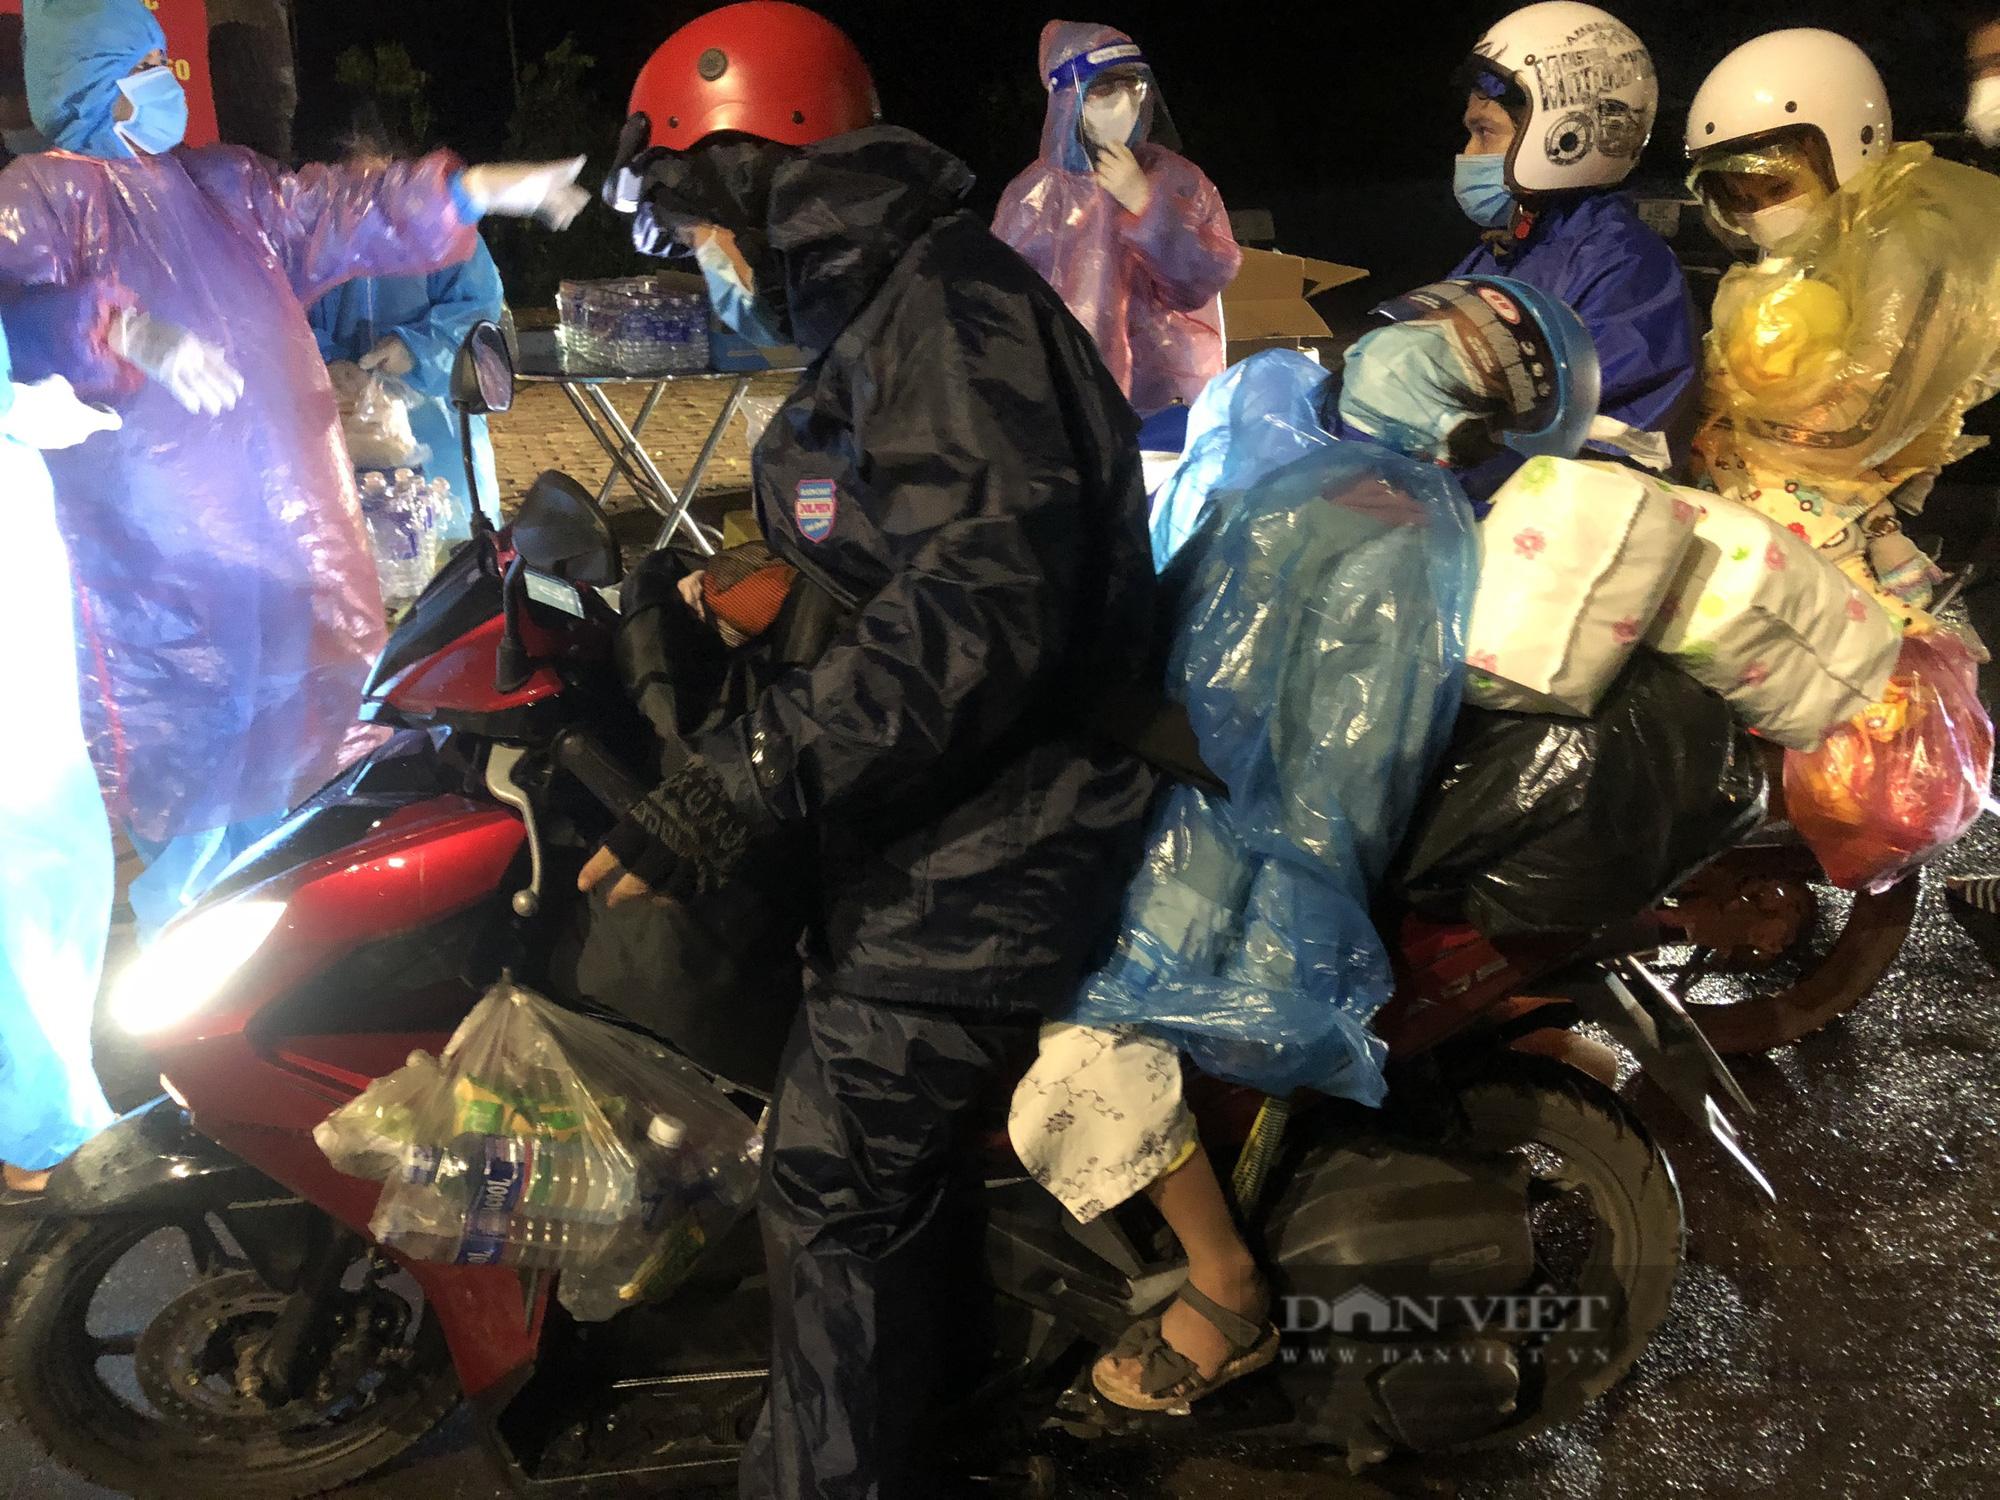 Đắk Nông: Nhóm thiện nguyện dầm mưa trắng đêm tặng suất ăn cho người dân về từ tâm dịch - Ảnh 3.